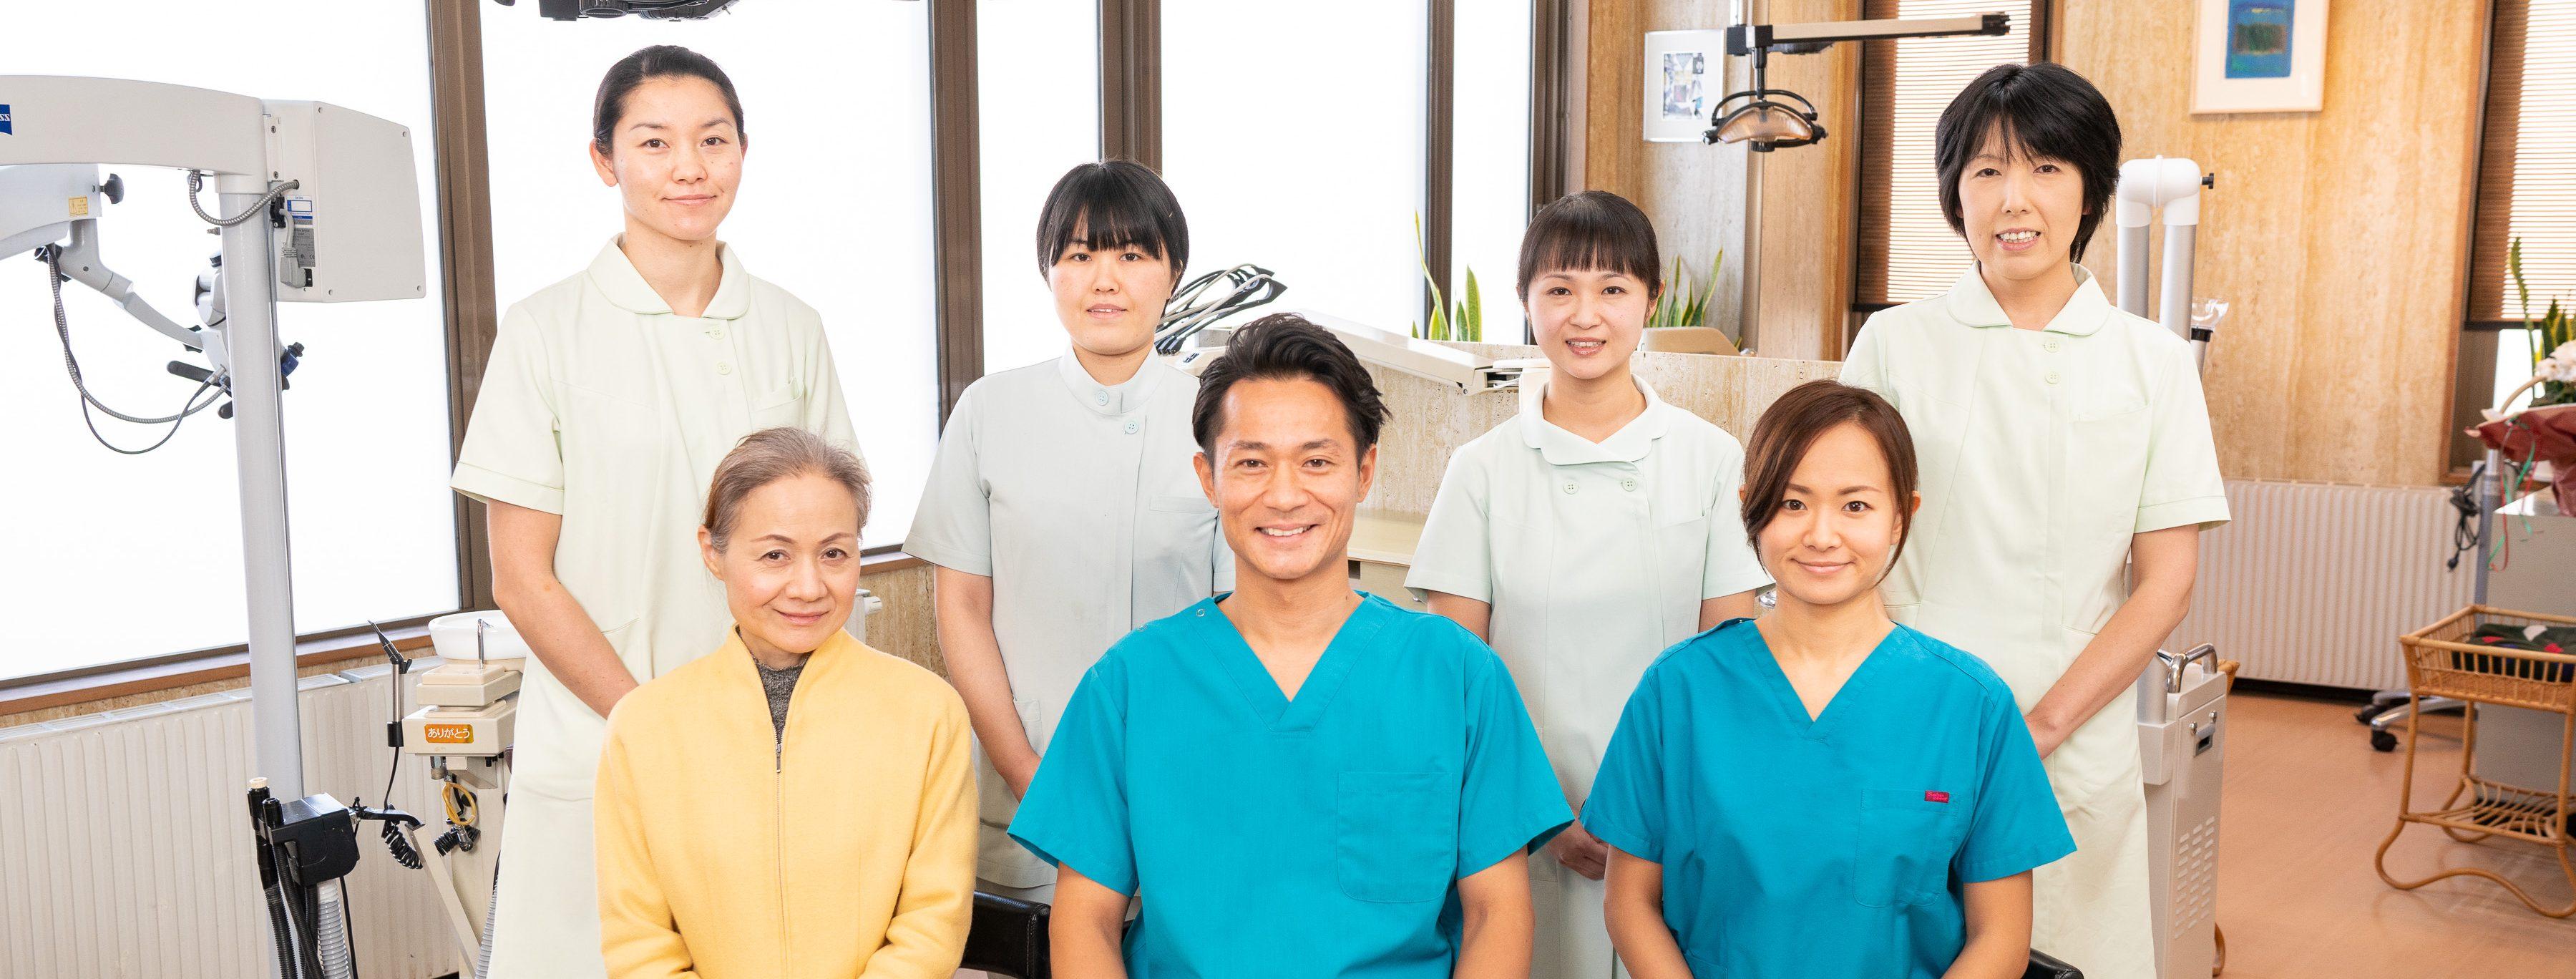 徳富歯科医院|花巻市